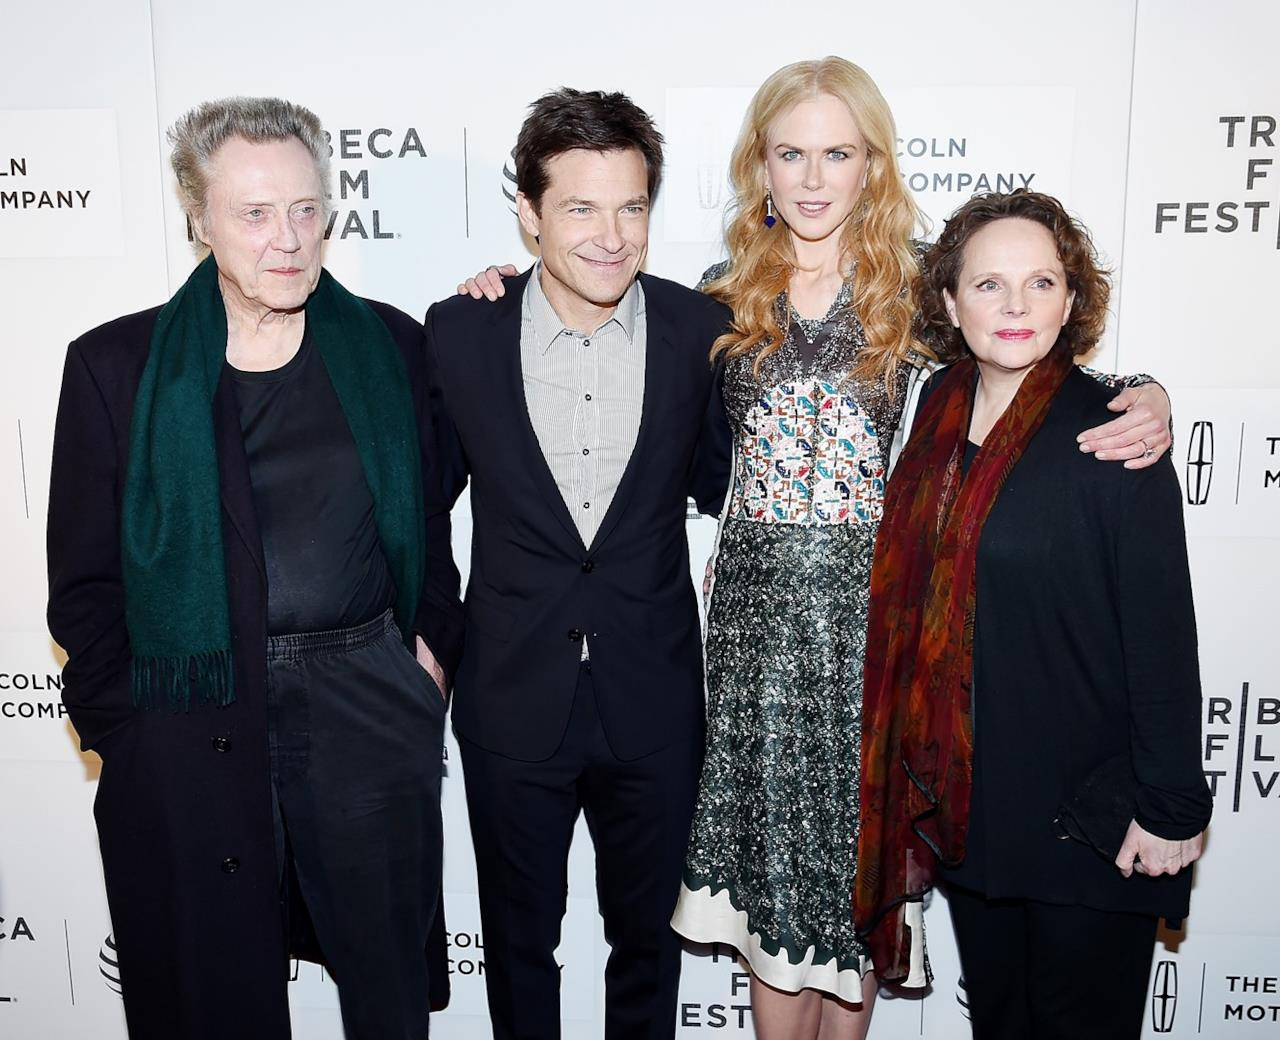 Il cast del film La Famiglia Fang al Tribeca film Festival